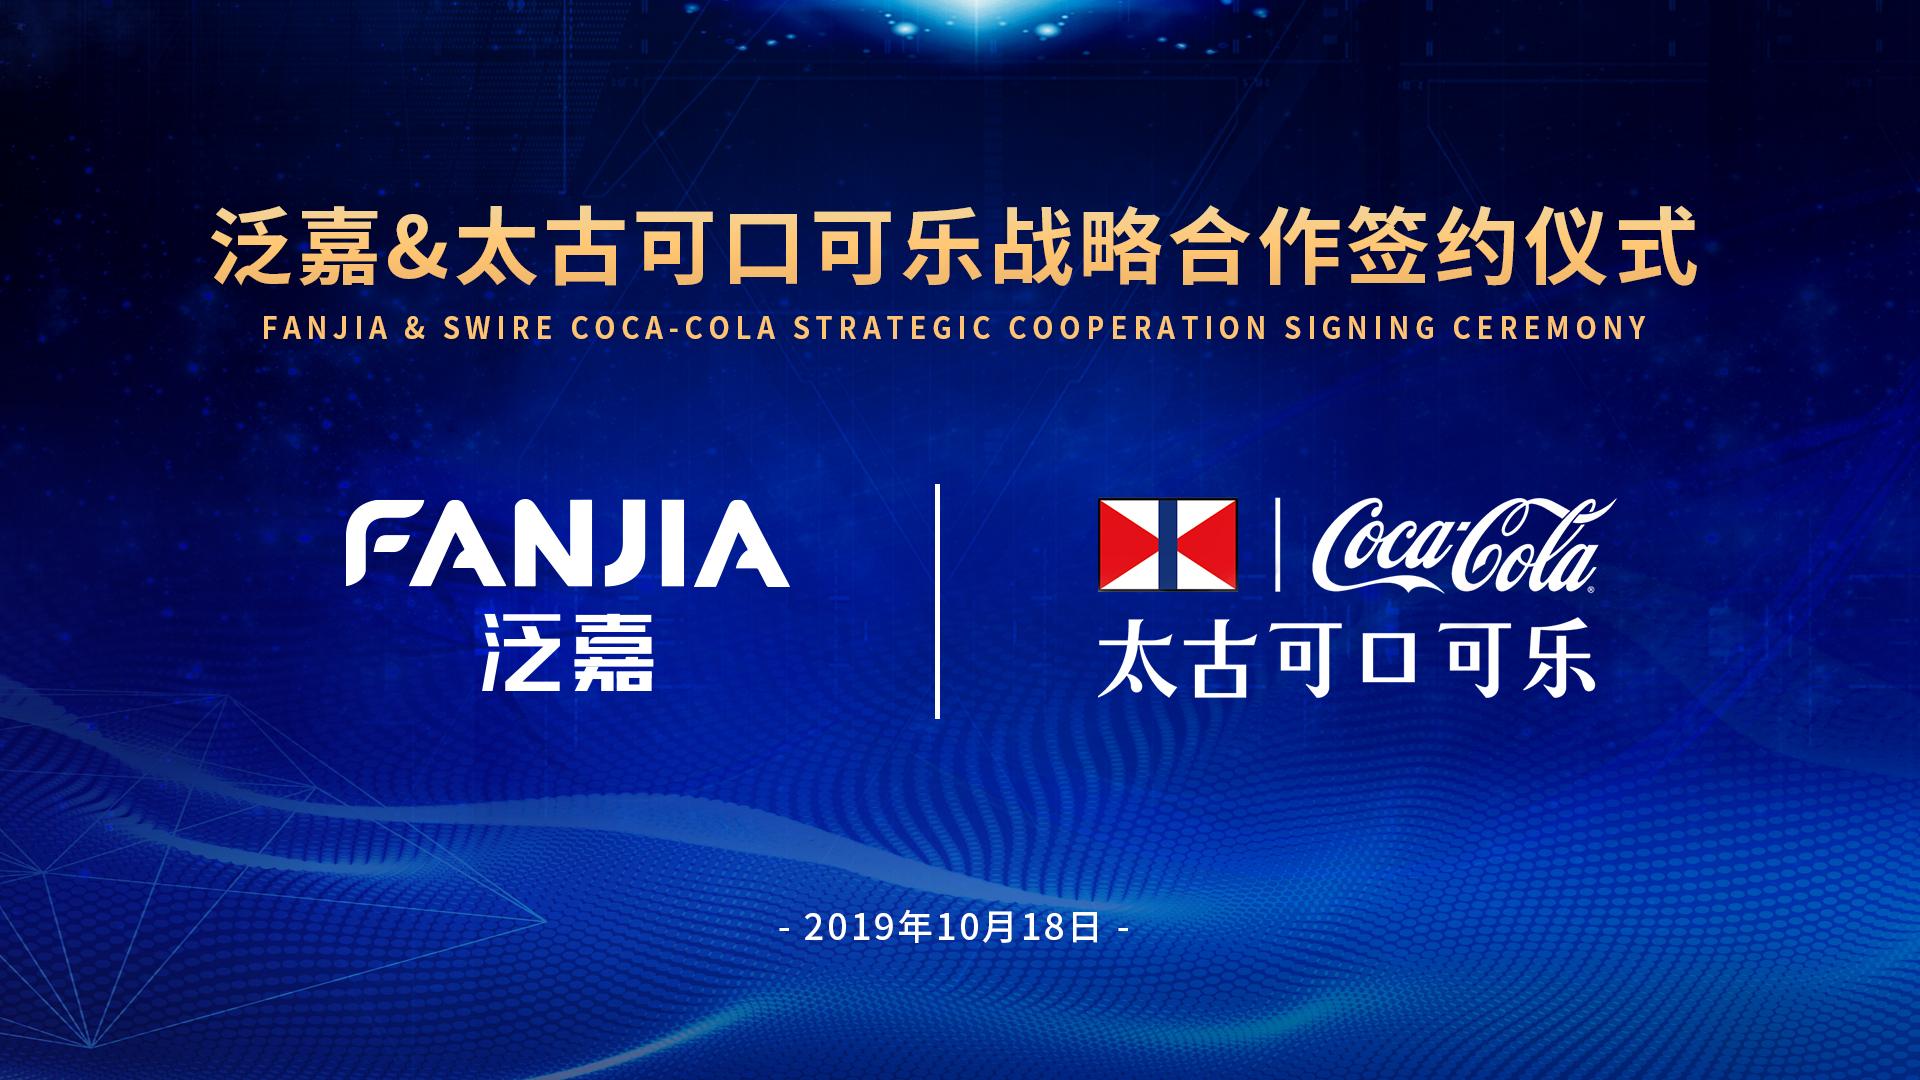 可口可乐入驻泛嘉福选平台,共创企业服务生态圈